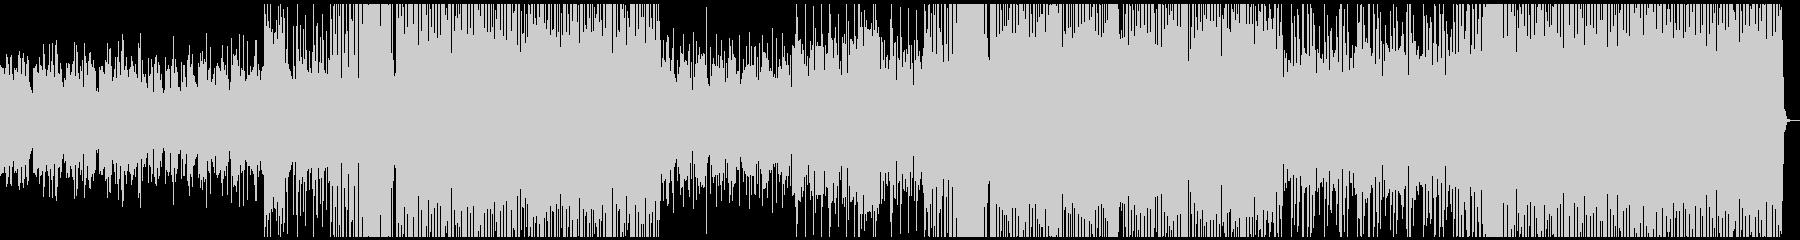 トロピカルハウス チル 洋楽の未再生の波形